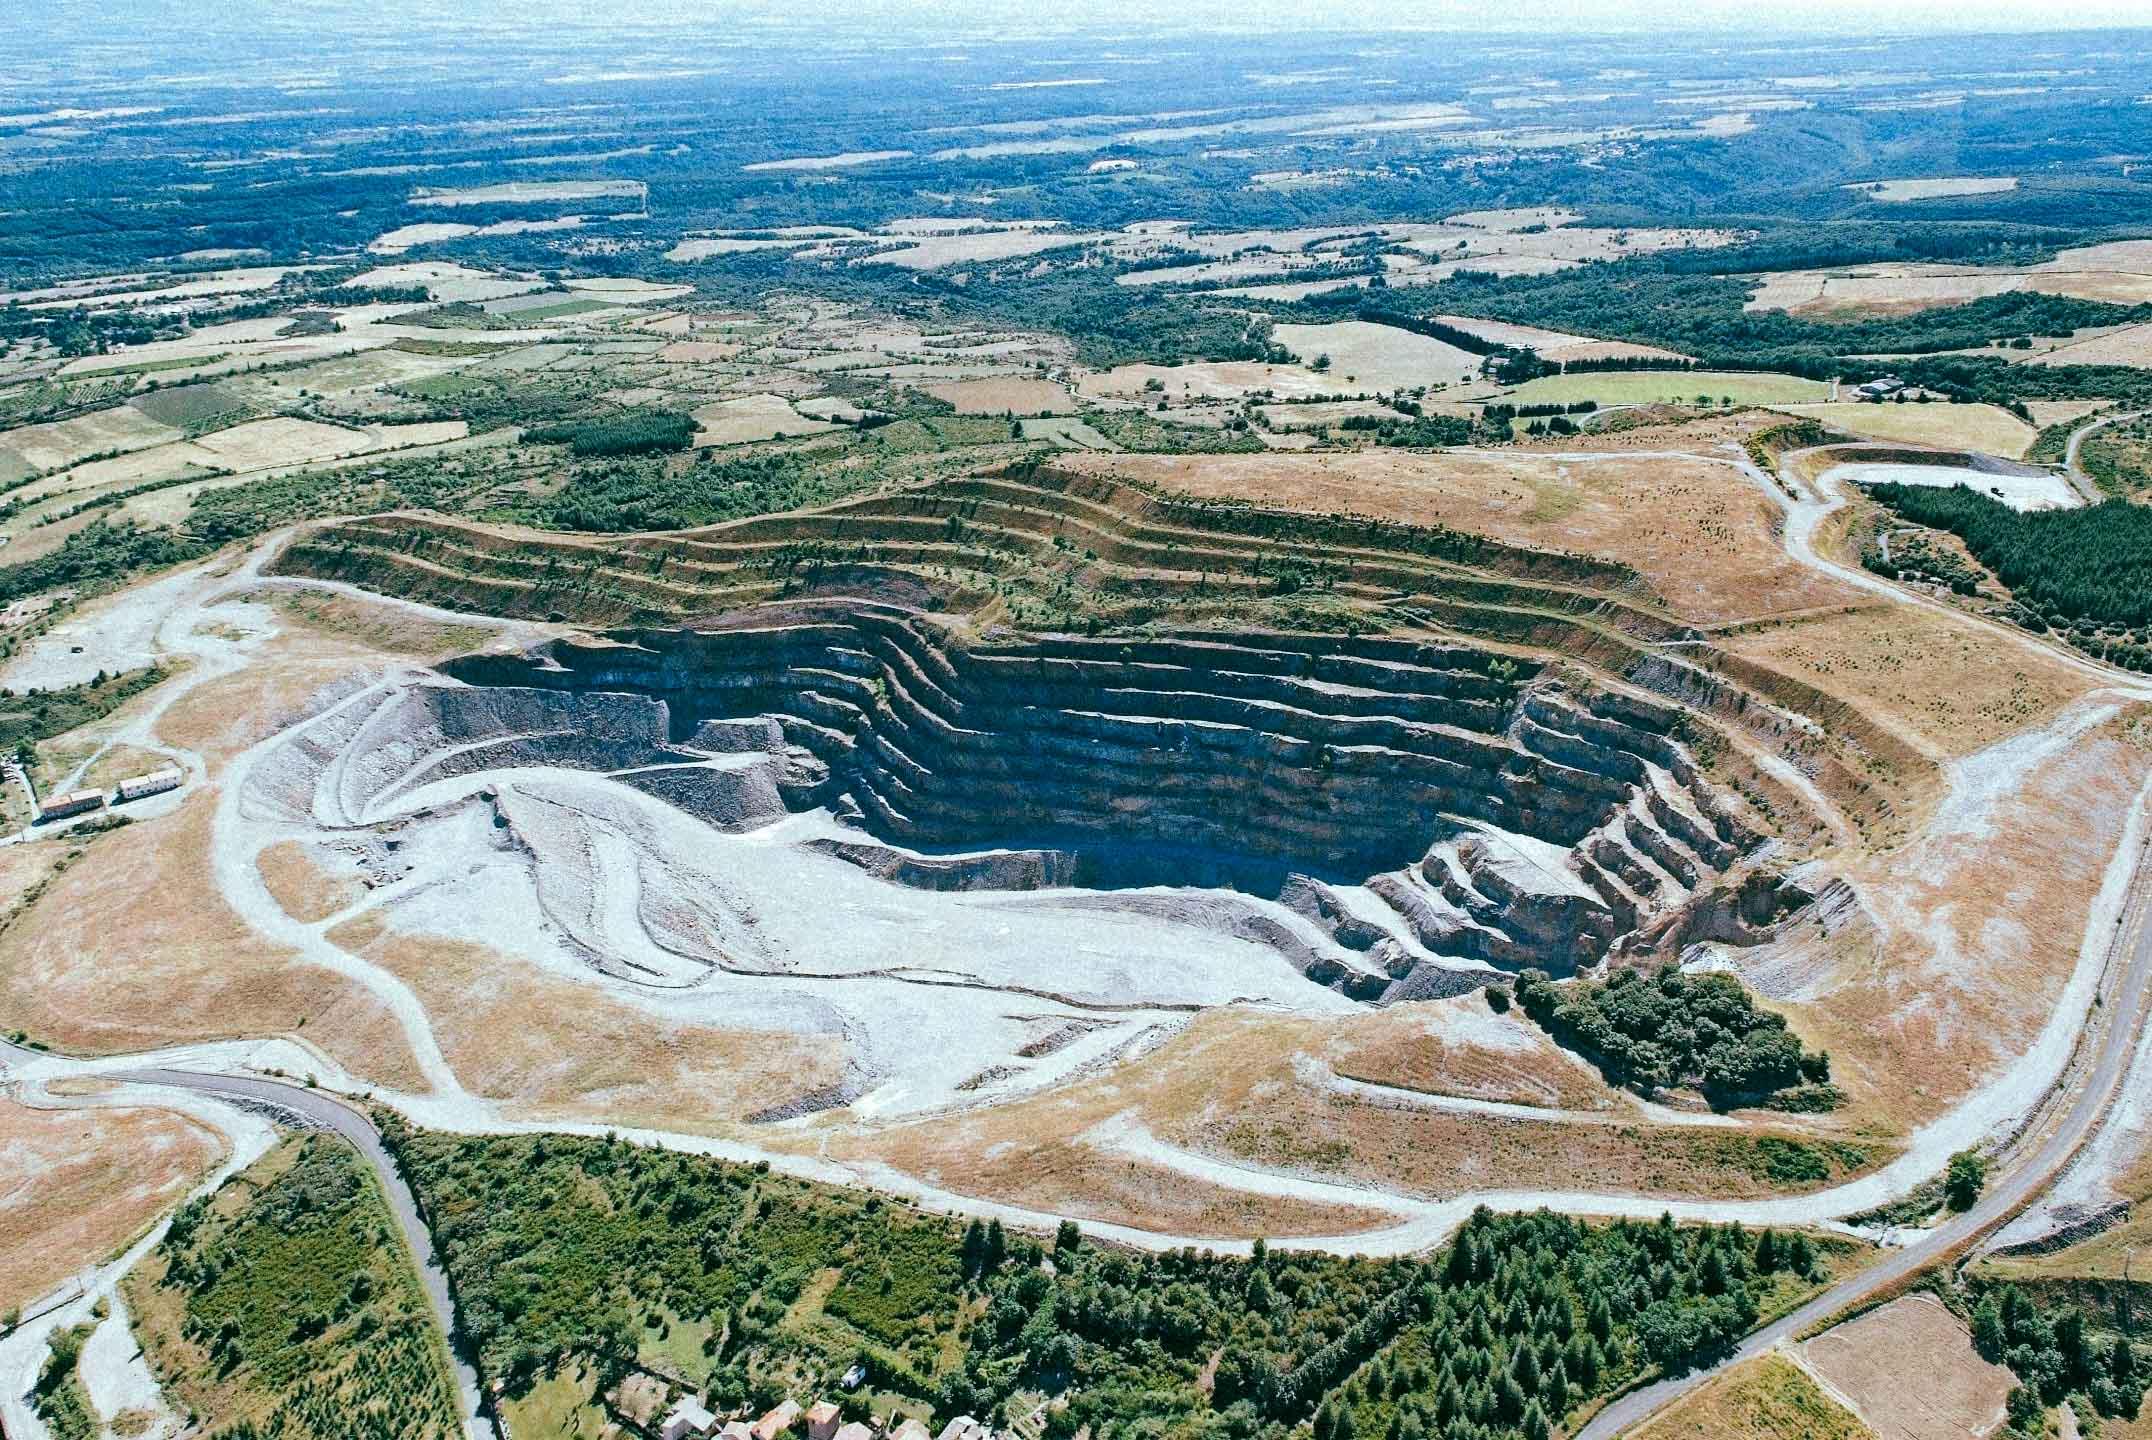 Contre les pires atteintes à l'environnement, l'indispensable réforme du code minier